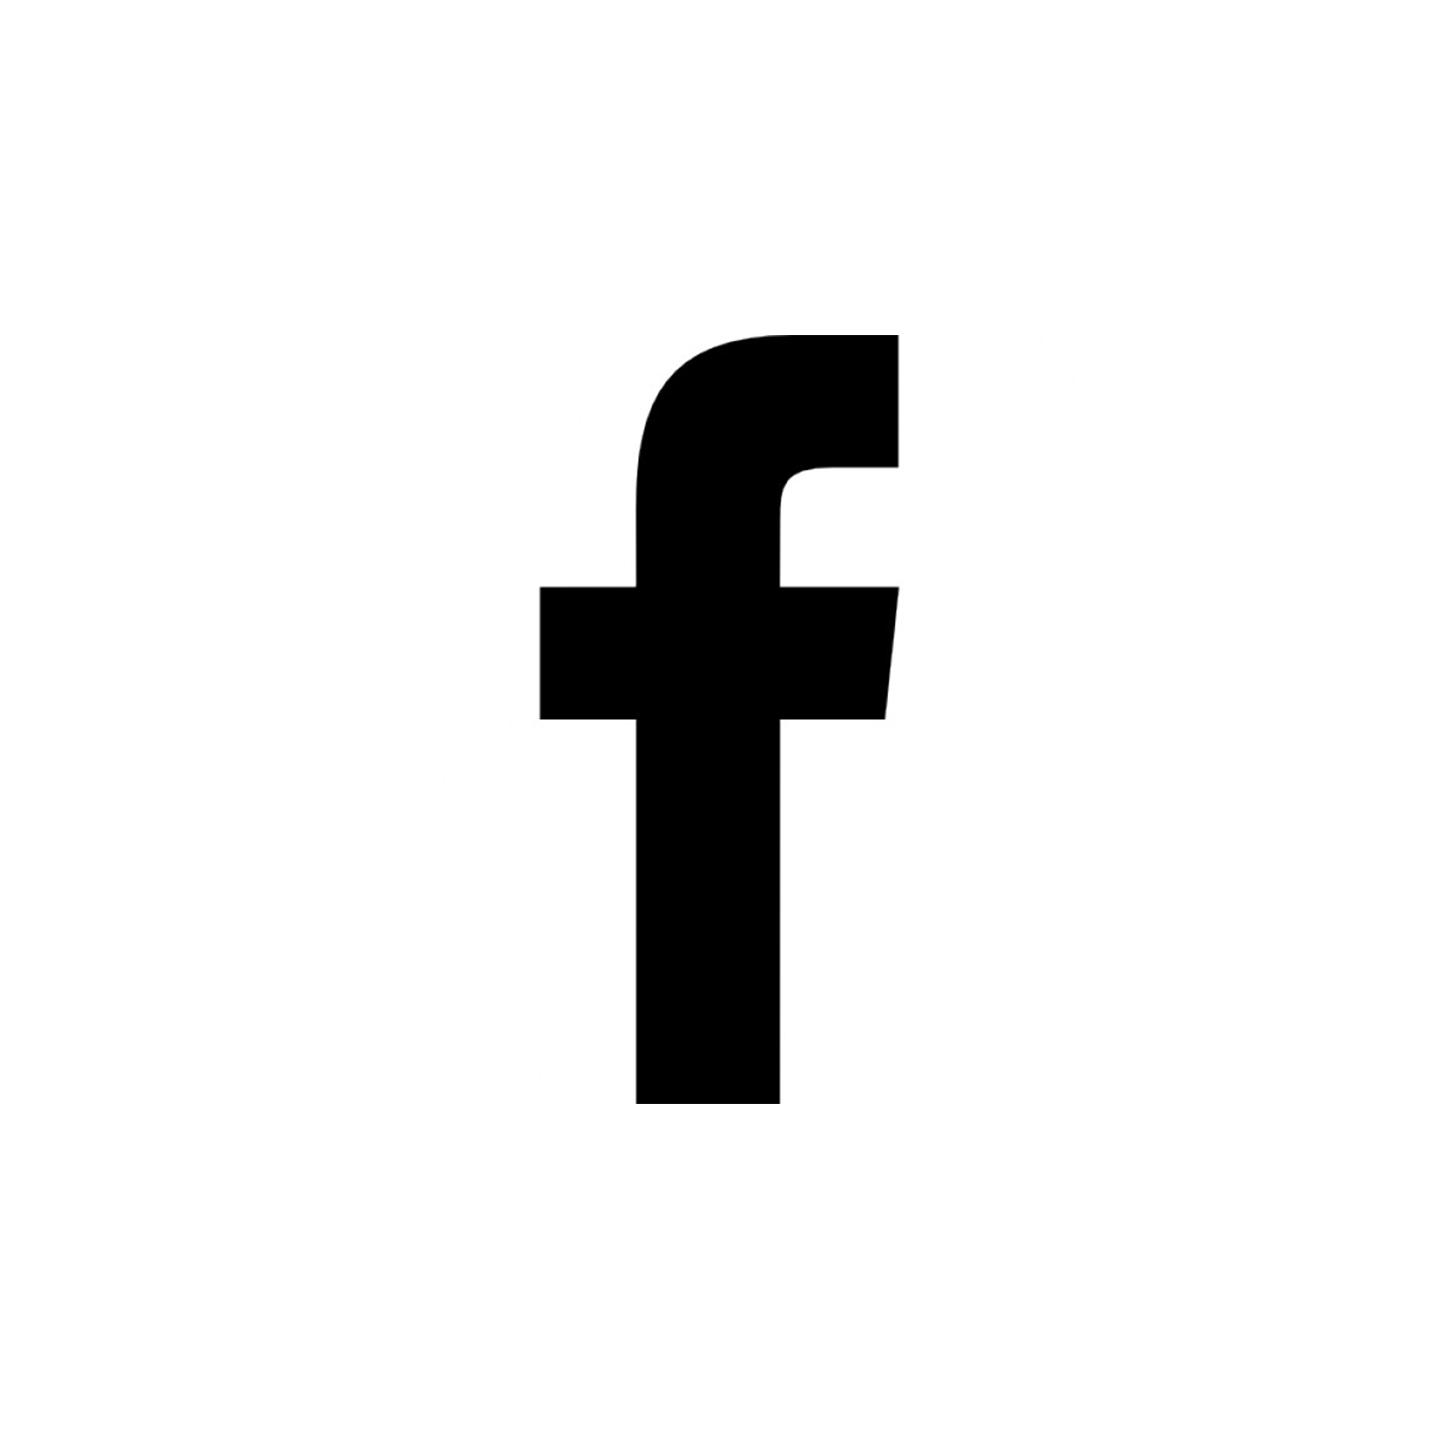 weller house facebook